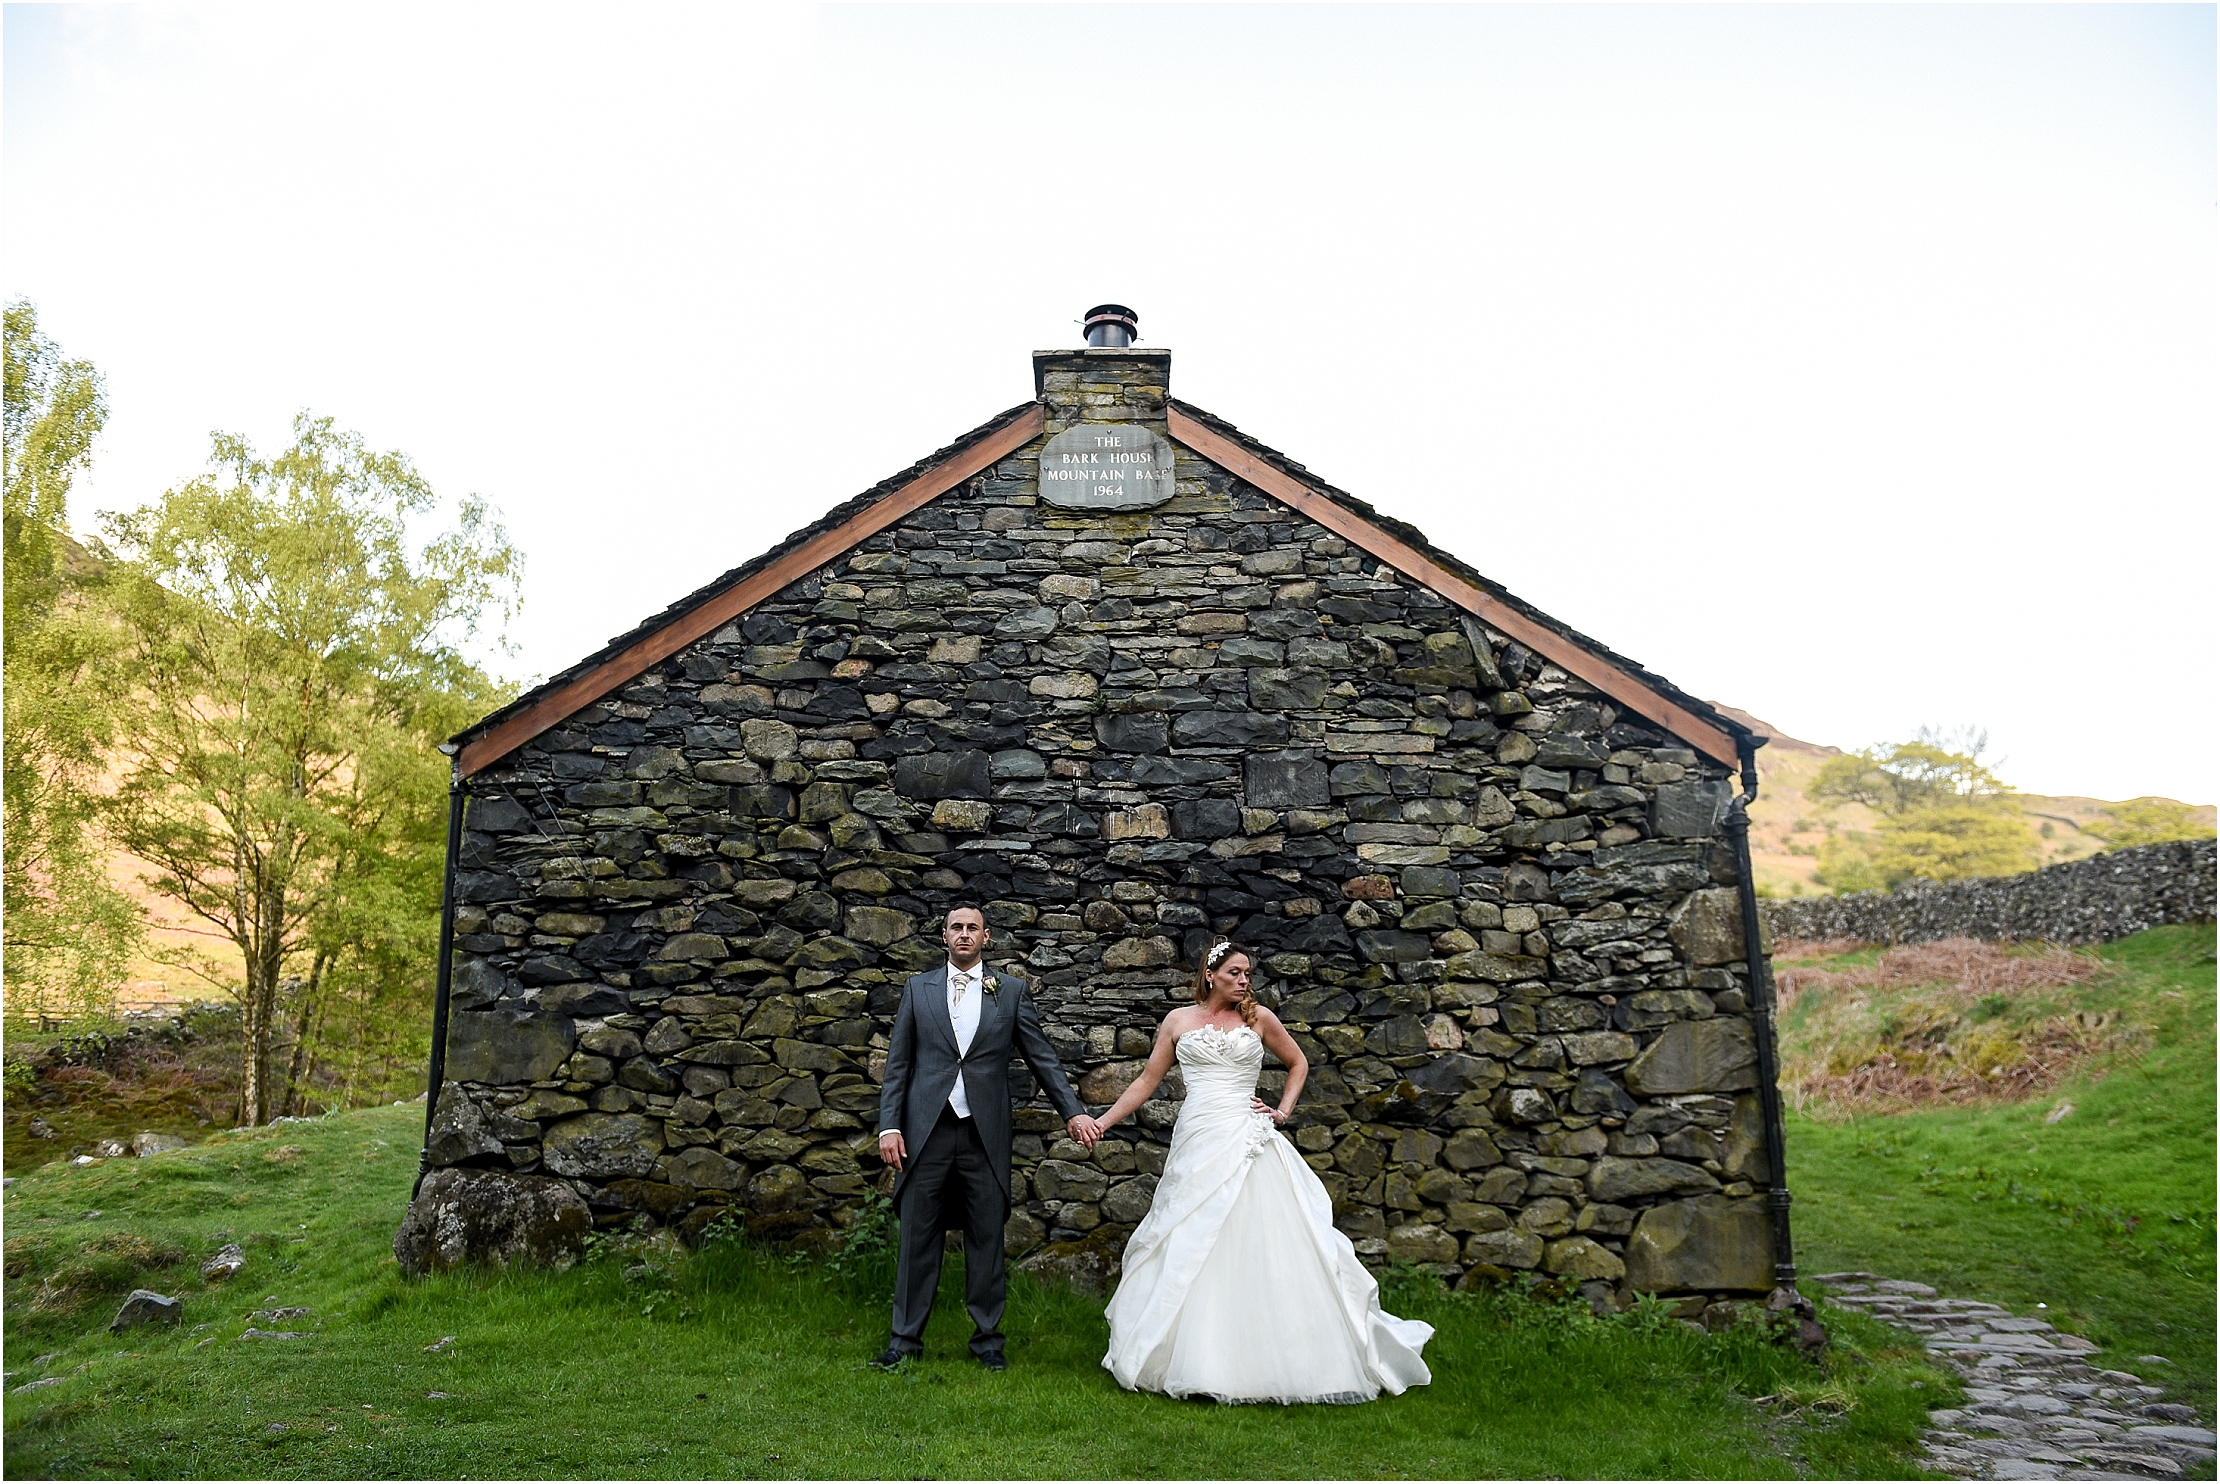 lodore-falls-hotel-wedding- 101.jpg